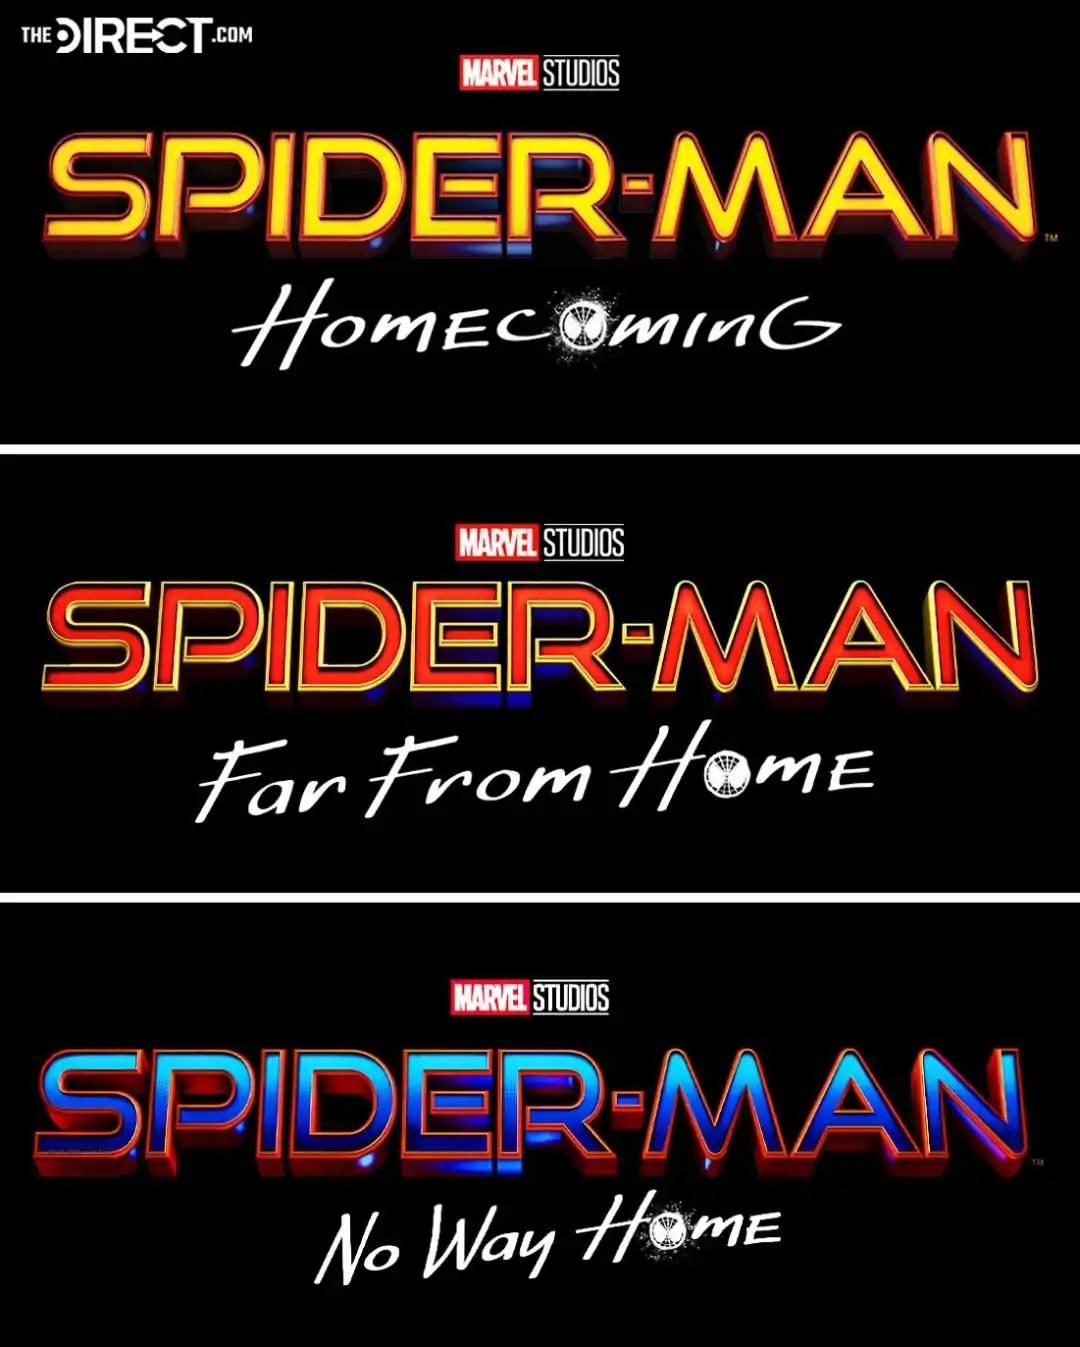 蜘蛛侠3副标题出现乌龙?其实是官方的意思,三大蜘蛛真要同框?_荷兰